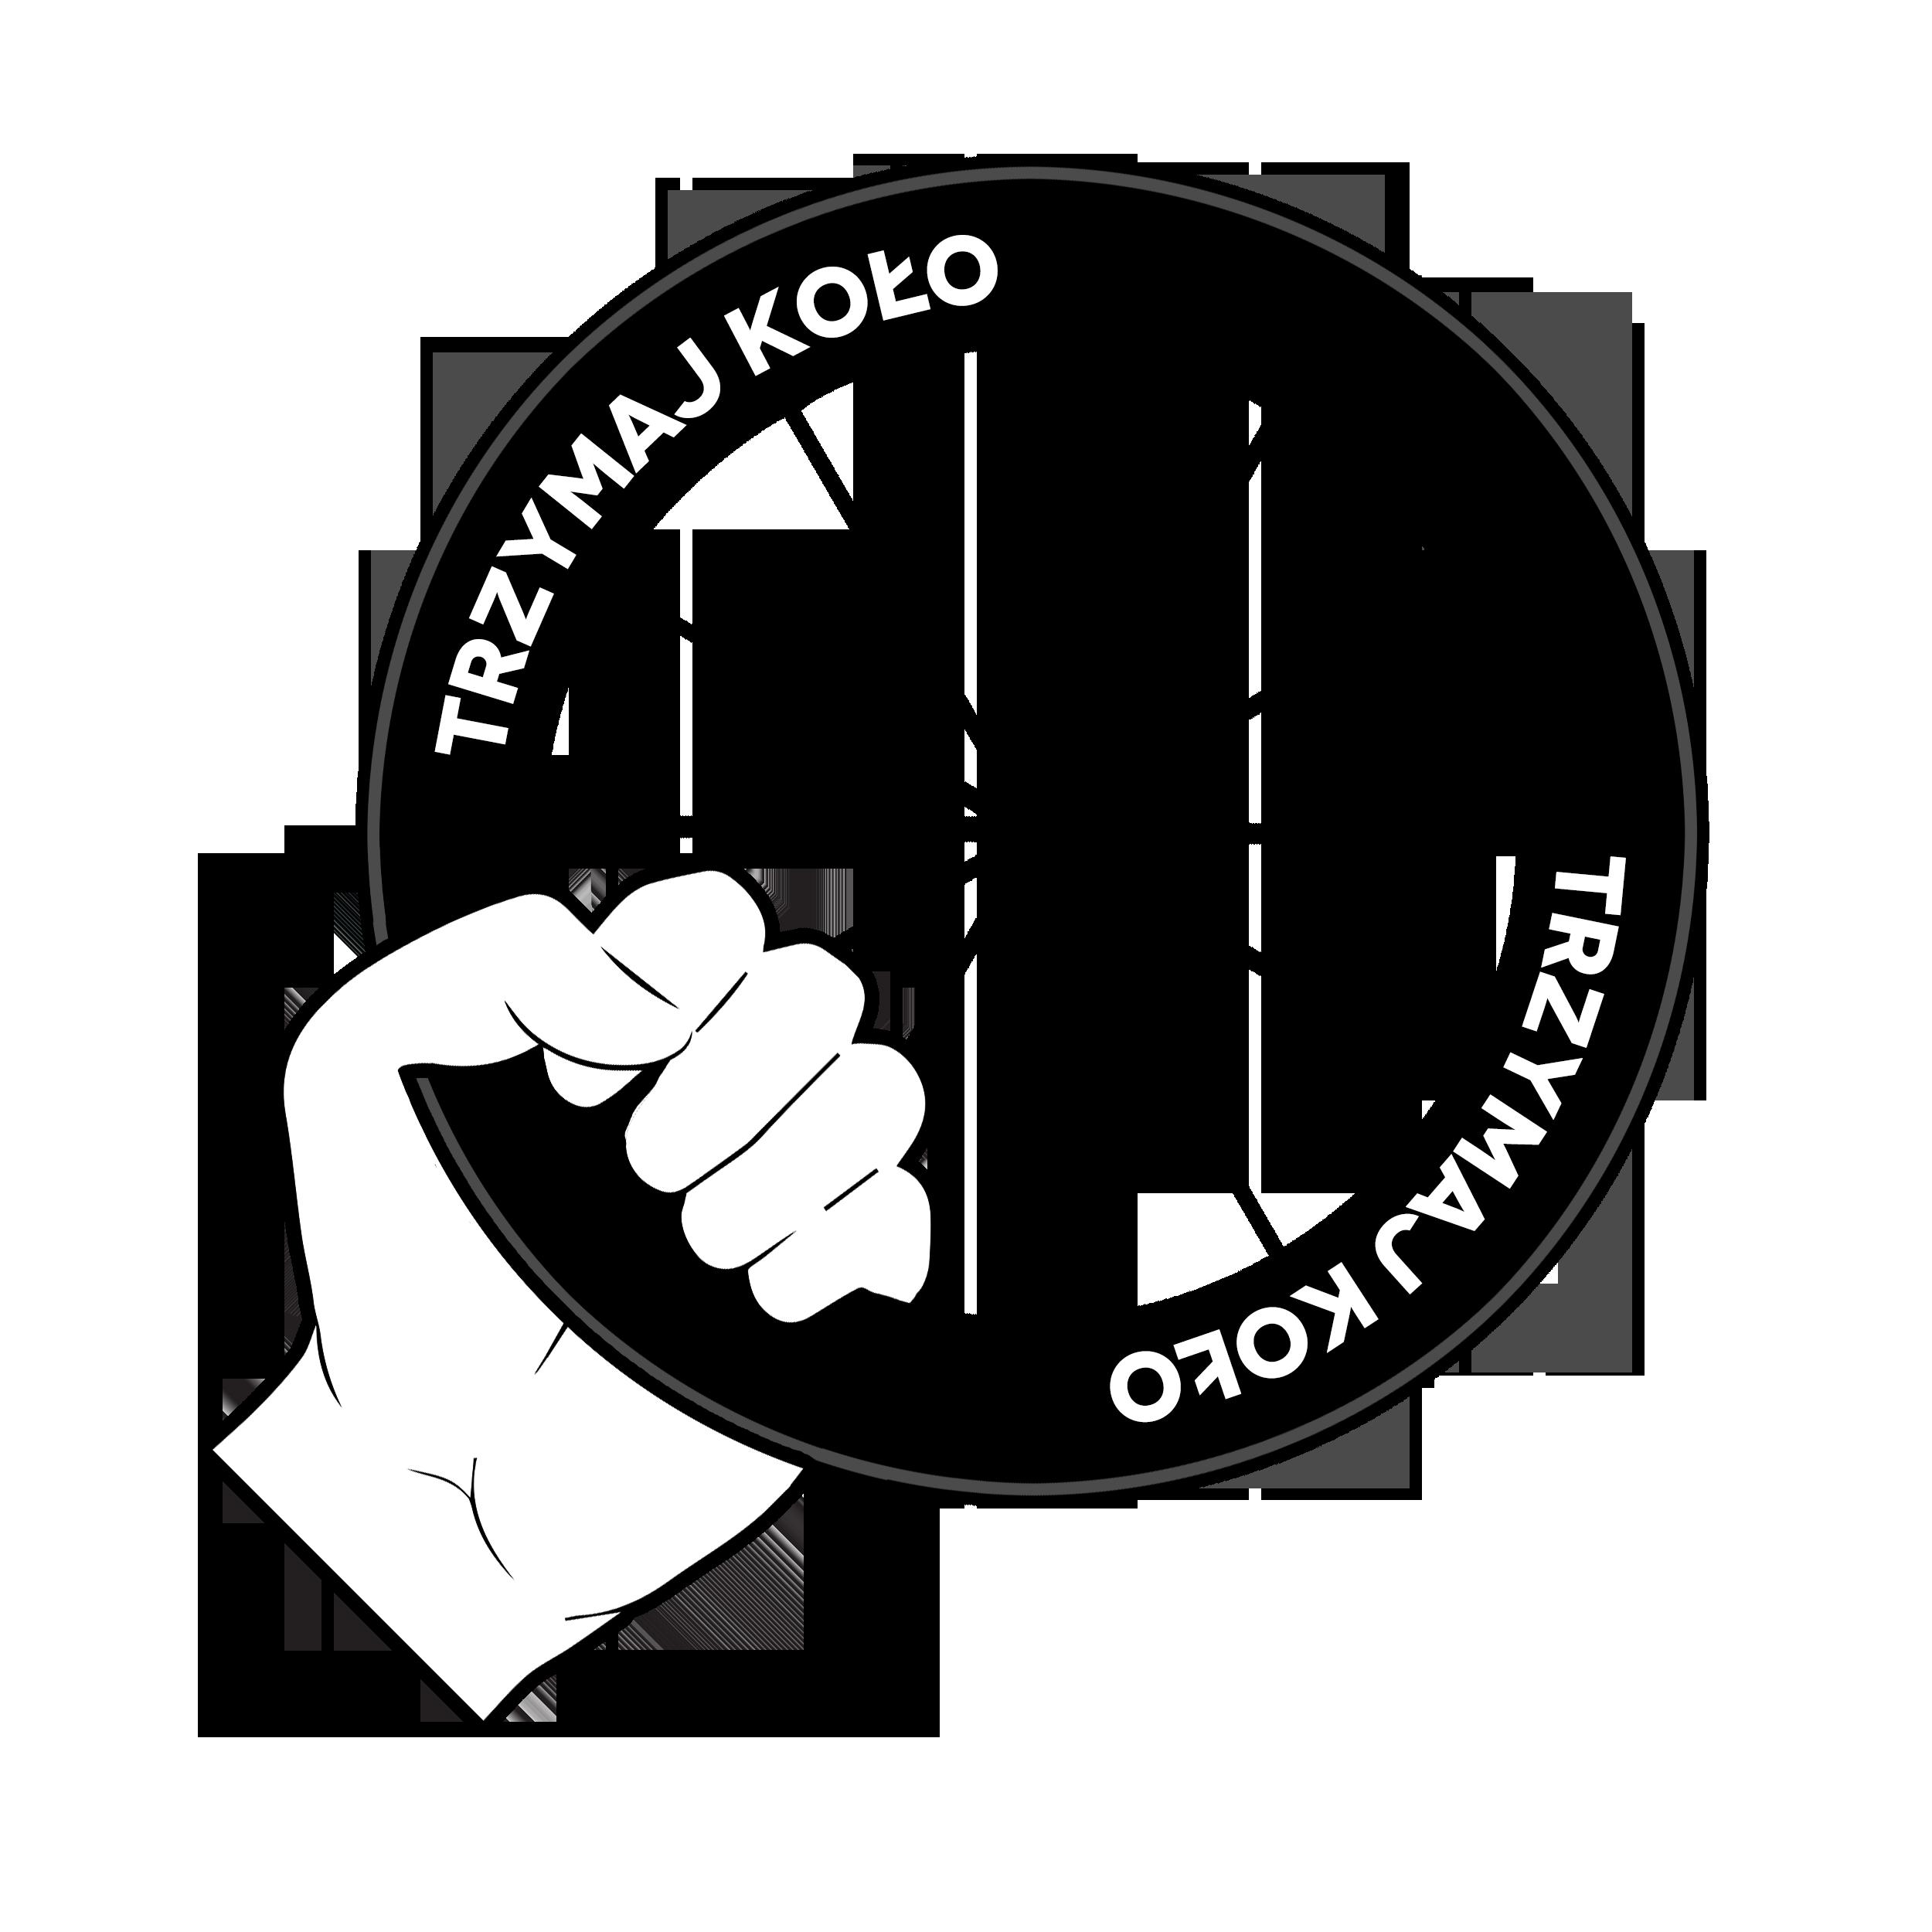 logo-trzymajkolohd_2500